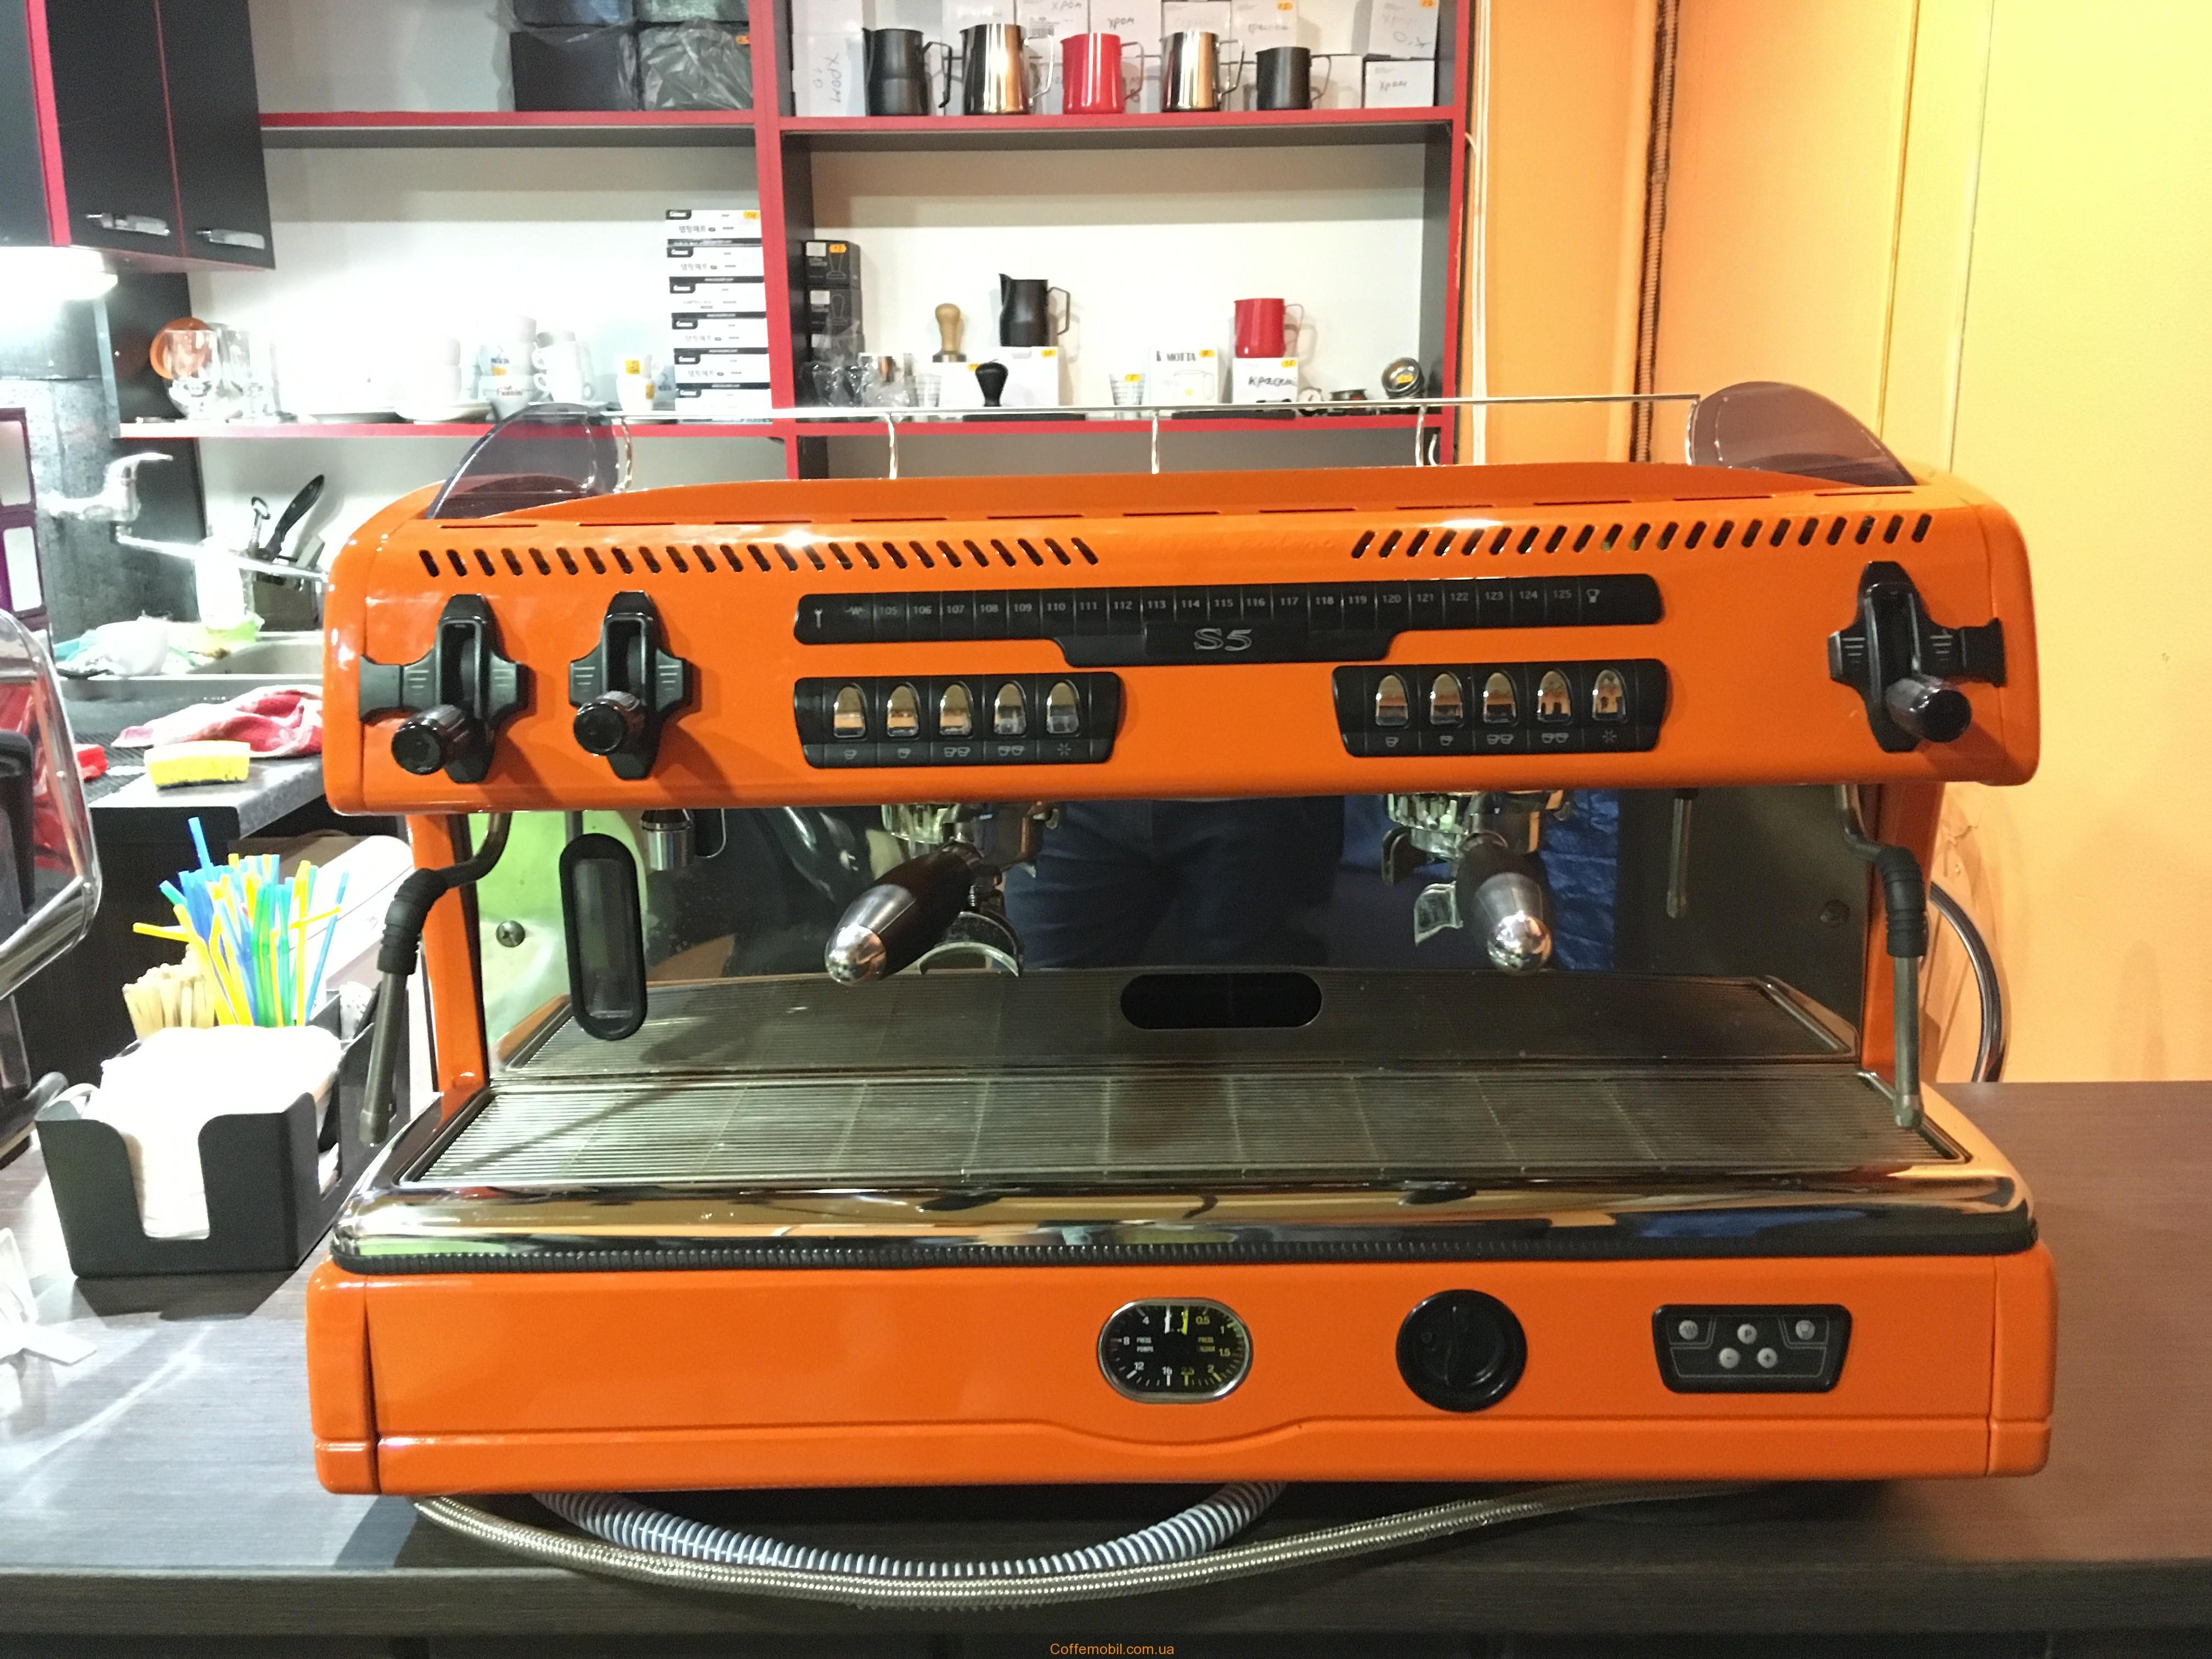 Професійна кавомашина La spaziale s5 на 2 групи